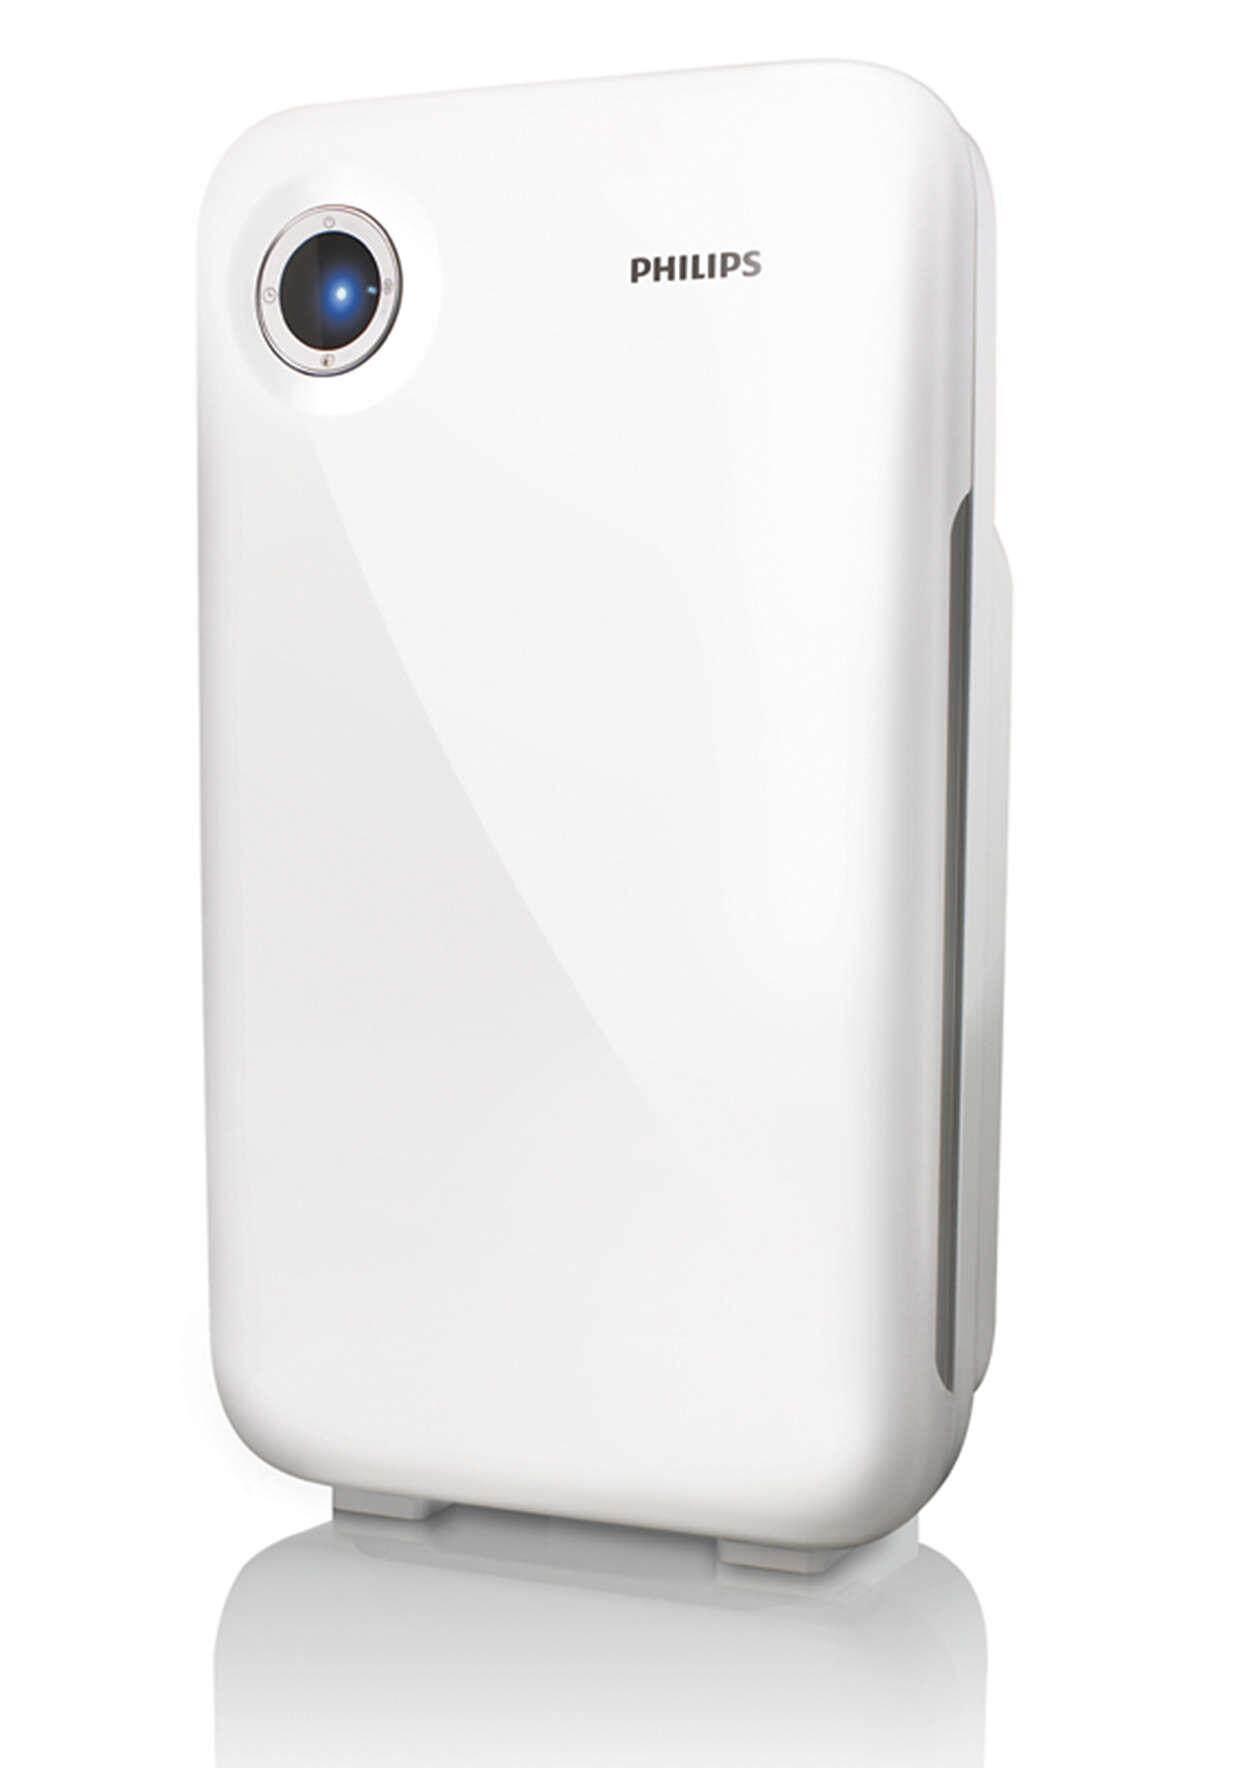 PHILIPS Air Purifier (36w) AC-4014